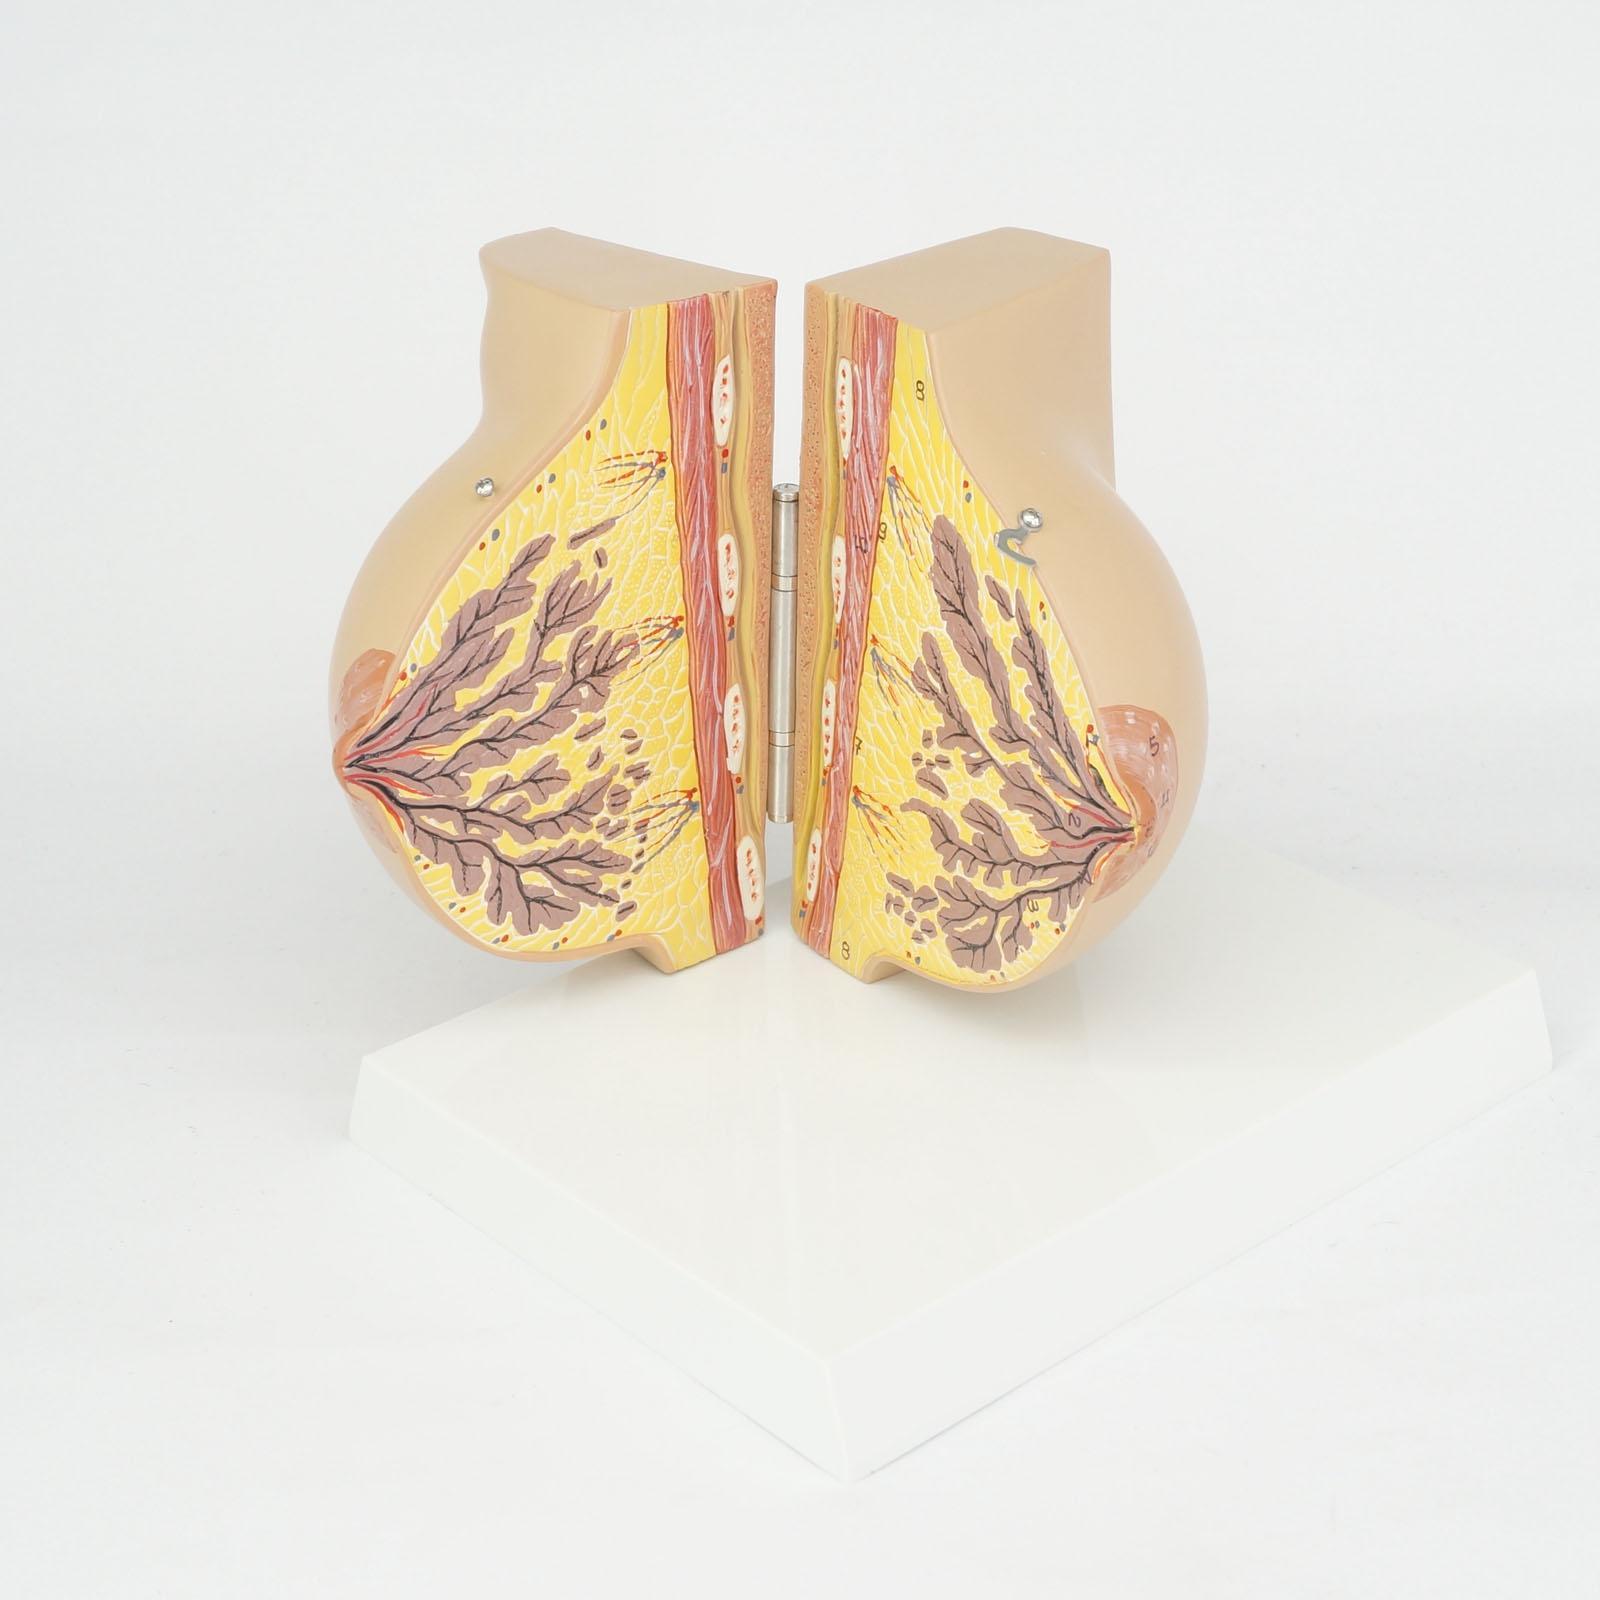 Медицинская женская стационарная фаза Модель груди Анатомия улучшения красоты Акушерство и гинекология обучения